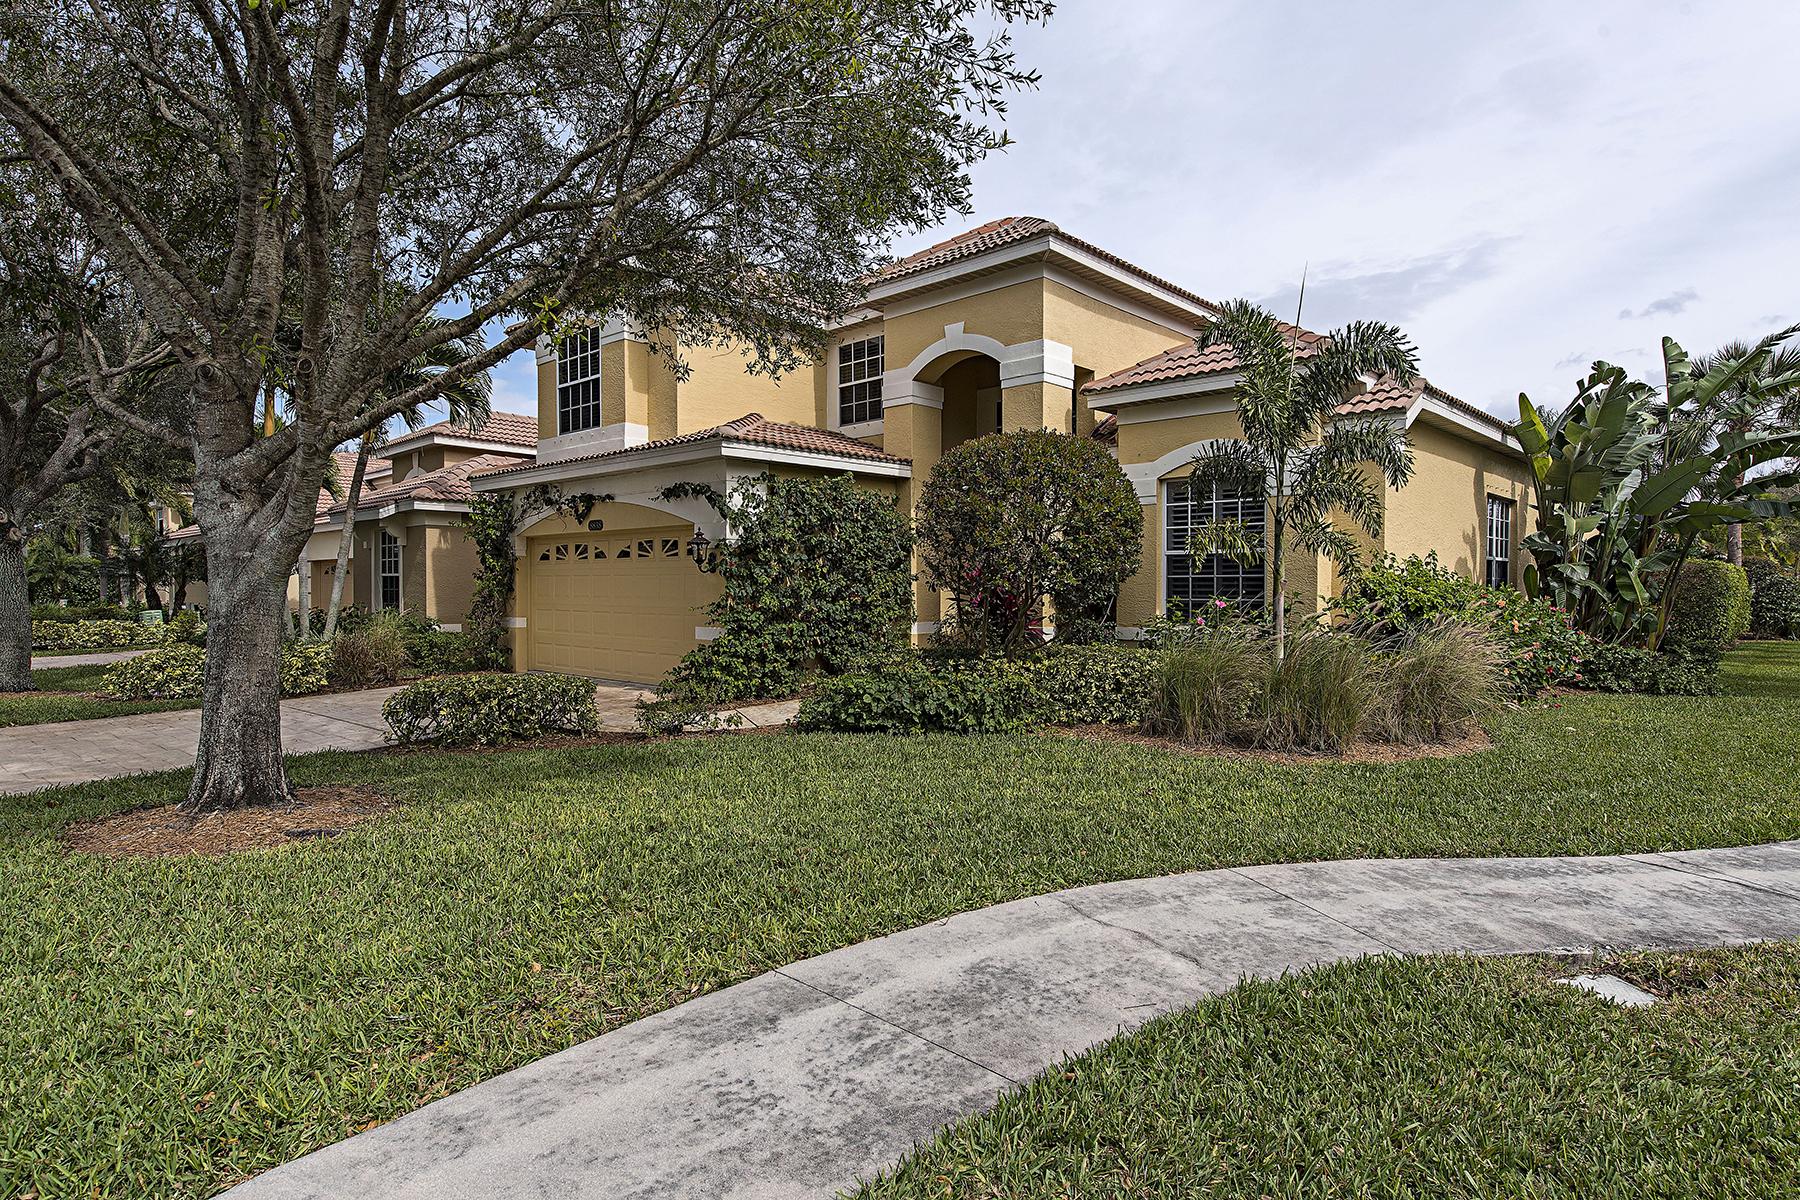 Casa Unifamiliar por un Venta en PELICAN MARSH - VENTURA 8838 Ventura Dr Naples, Florida, 34109 Estados Unidos